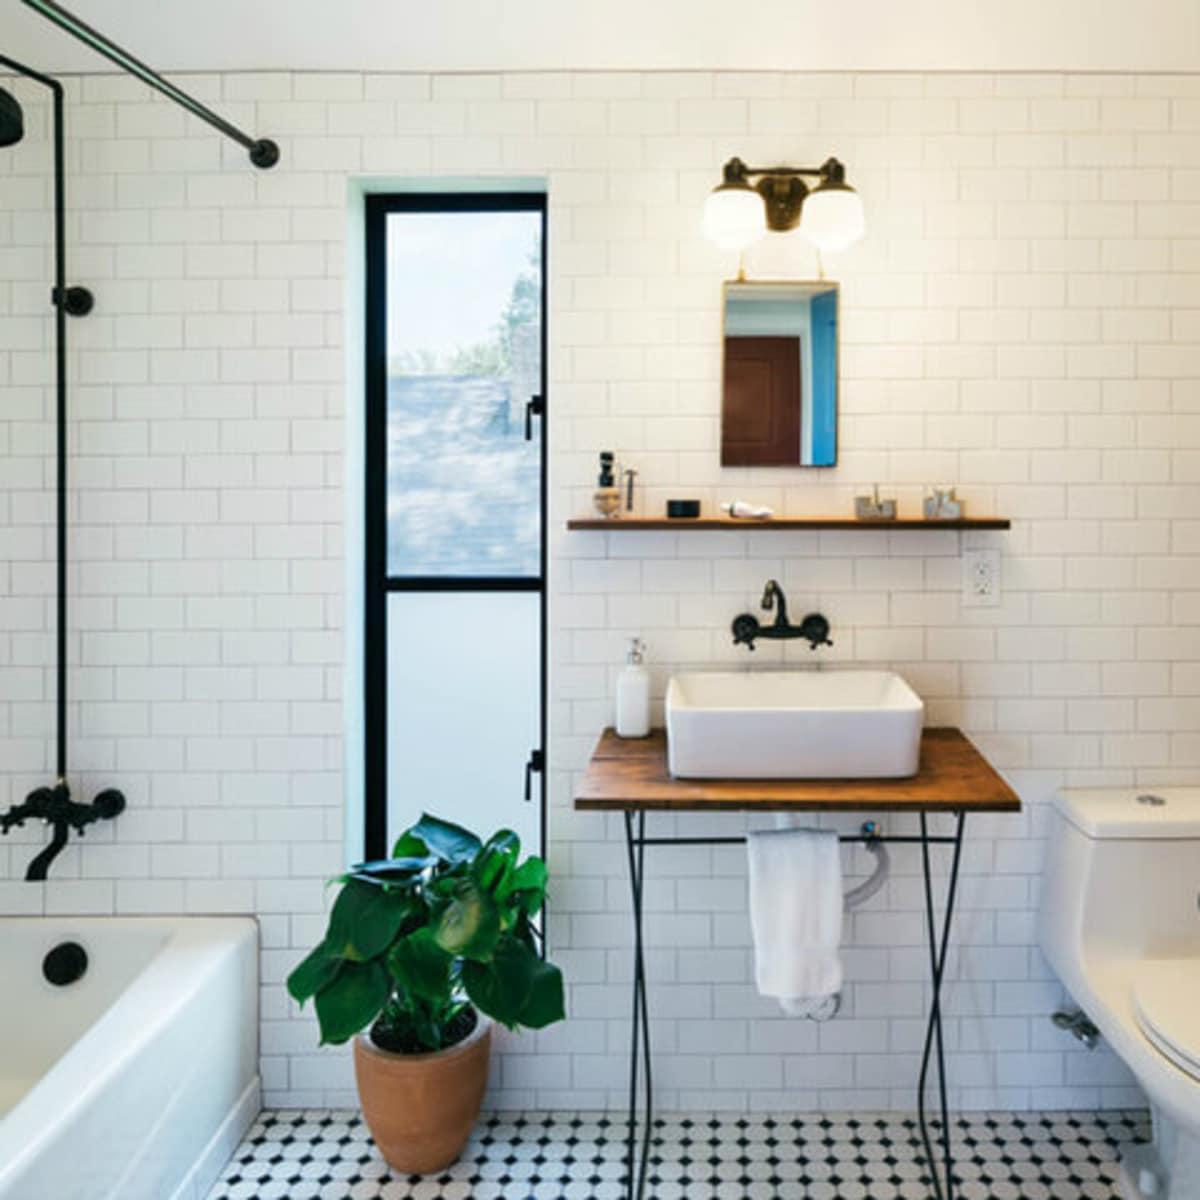 Austin home house Houzz DIY modern Texas farmhouse Garden St bathroom